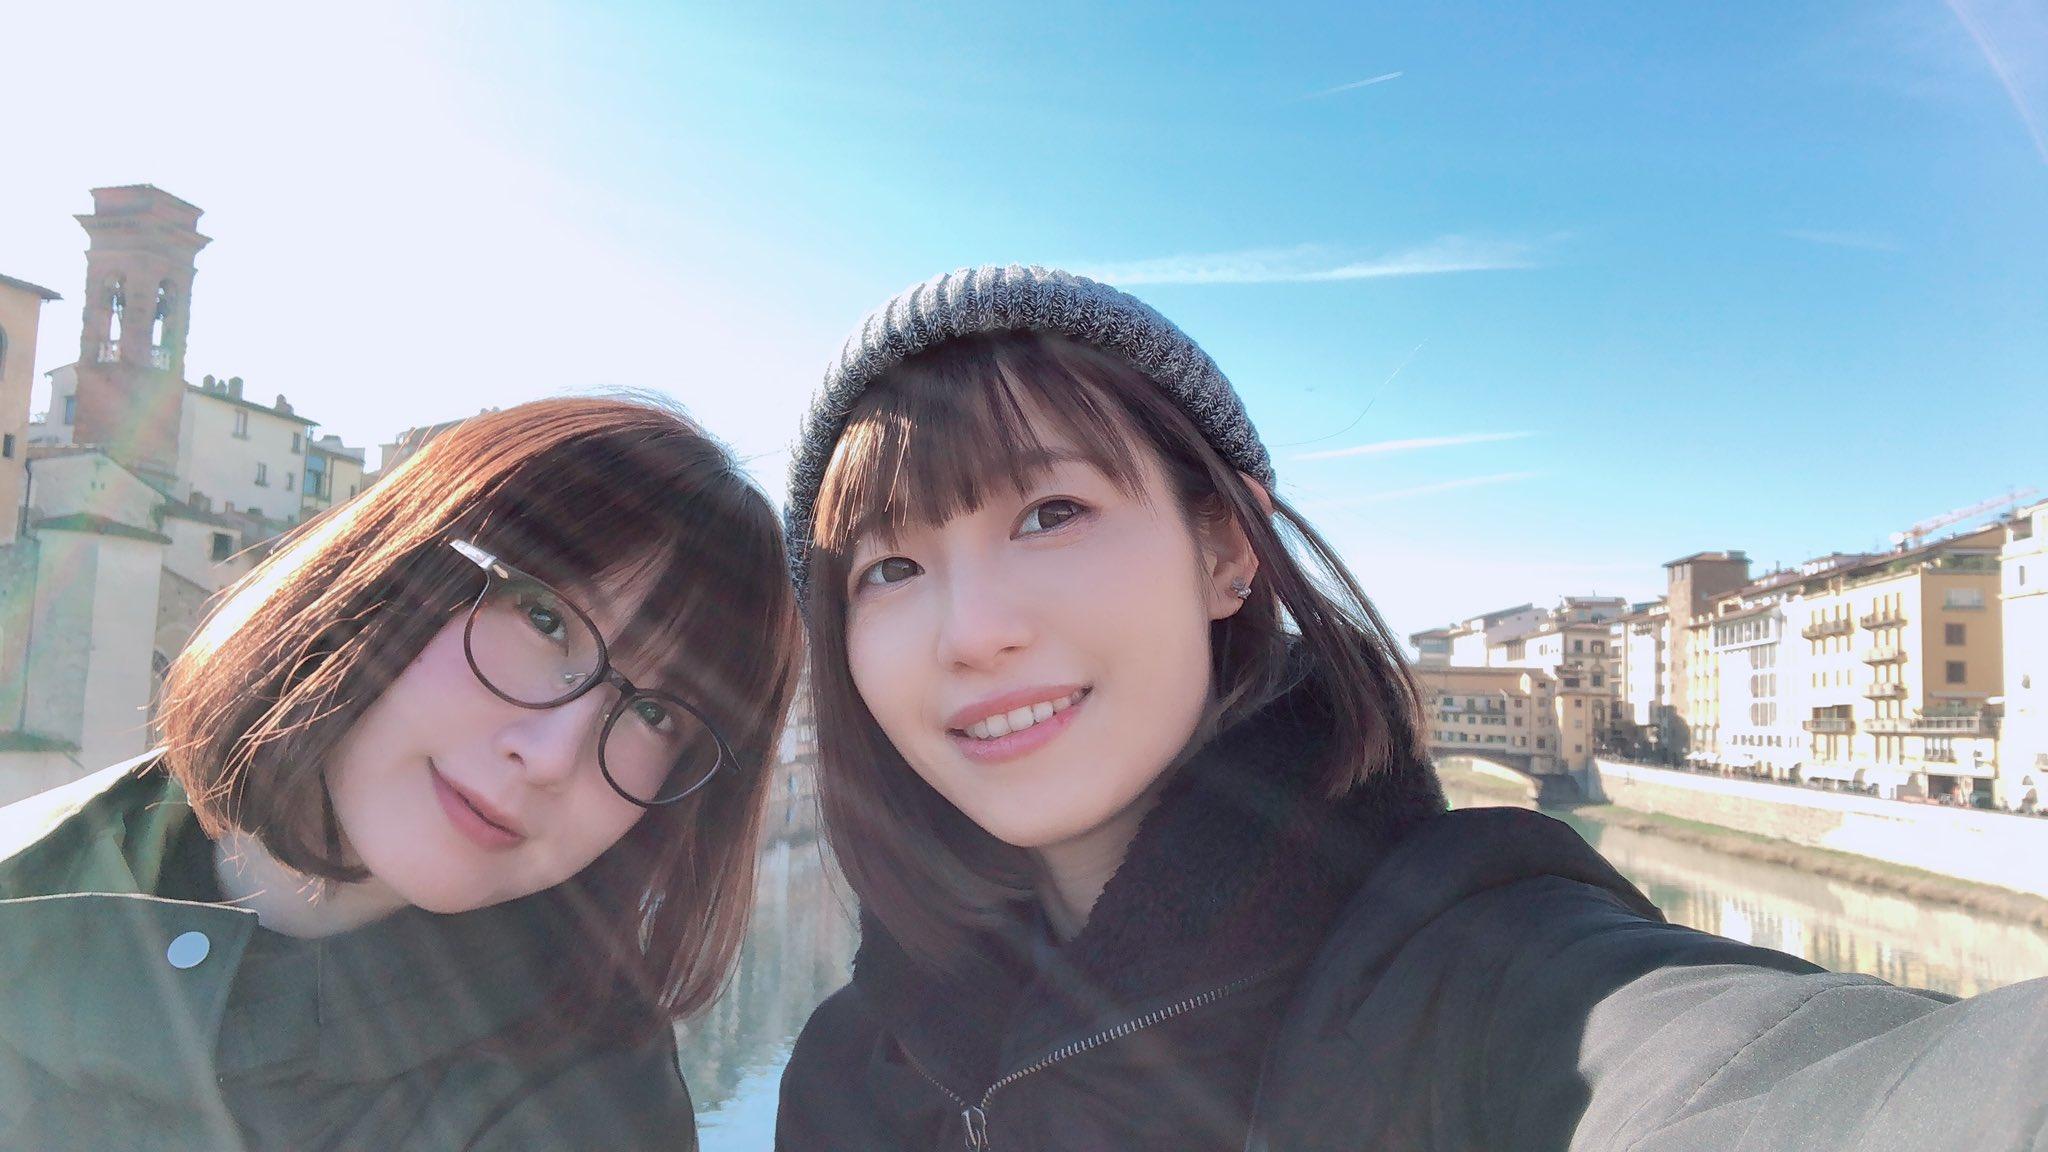 natsumi takamori - eriko matsui